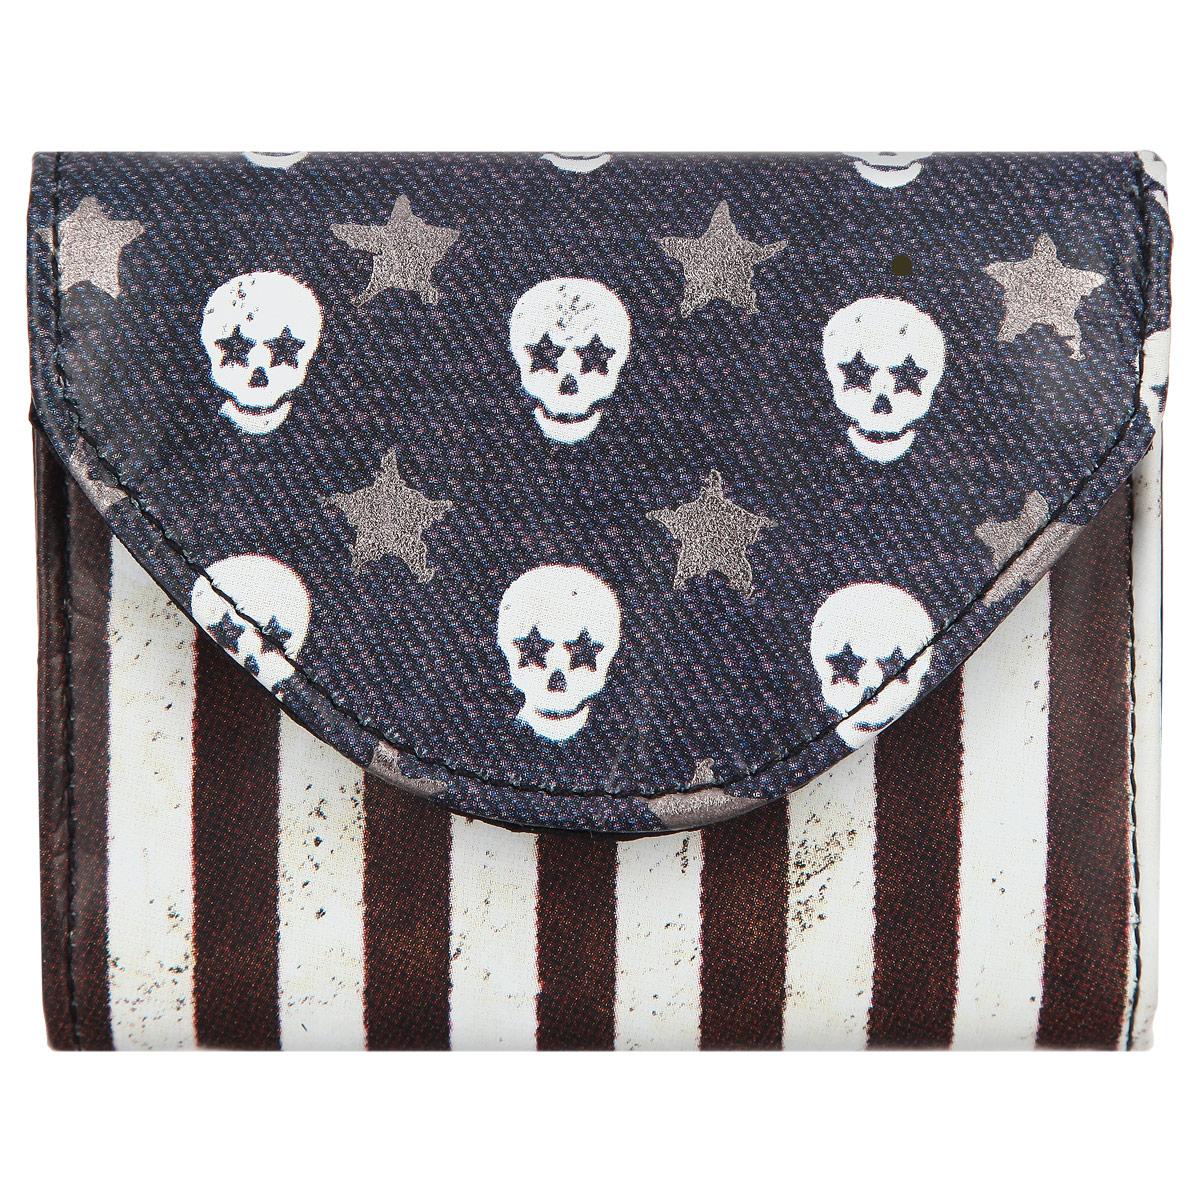 Визитница-кошелек Mojo pax Skull Flag, цвет: синий, белый, серебряный. KU9982983INT-06501Стильная визитница-кошелек MOJO PAX Skull Flag выполнена из полиэстера и оформлена оригинальным принтом с изображением флага.Изделие закрывается магнитную кнопку, внутри одно отделение.Такая визитница-кошелек станет замечательным подарком человеку, ценящему оригинальные вещи.